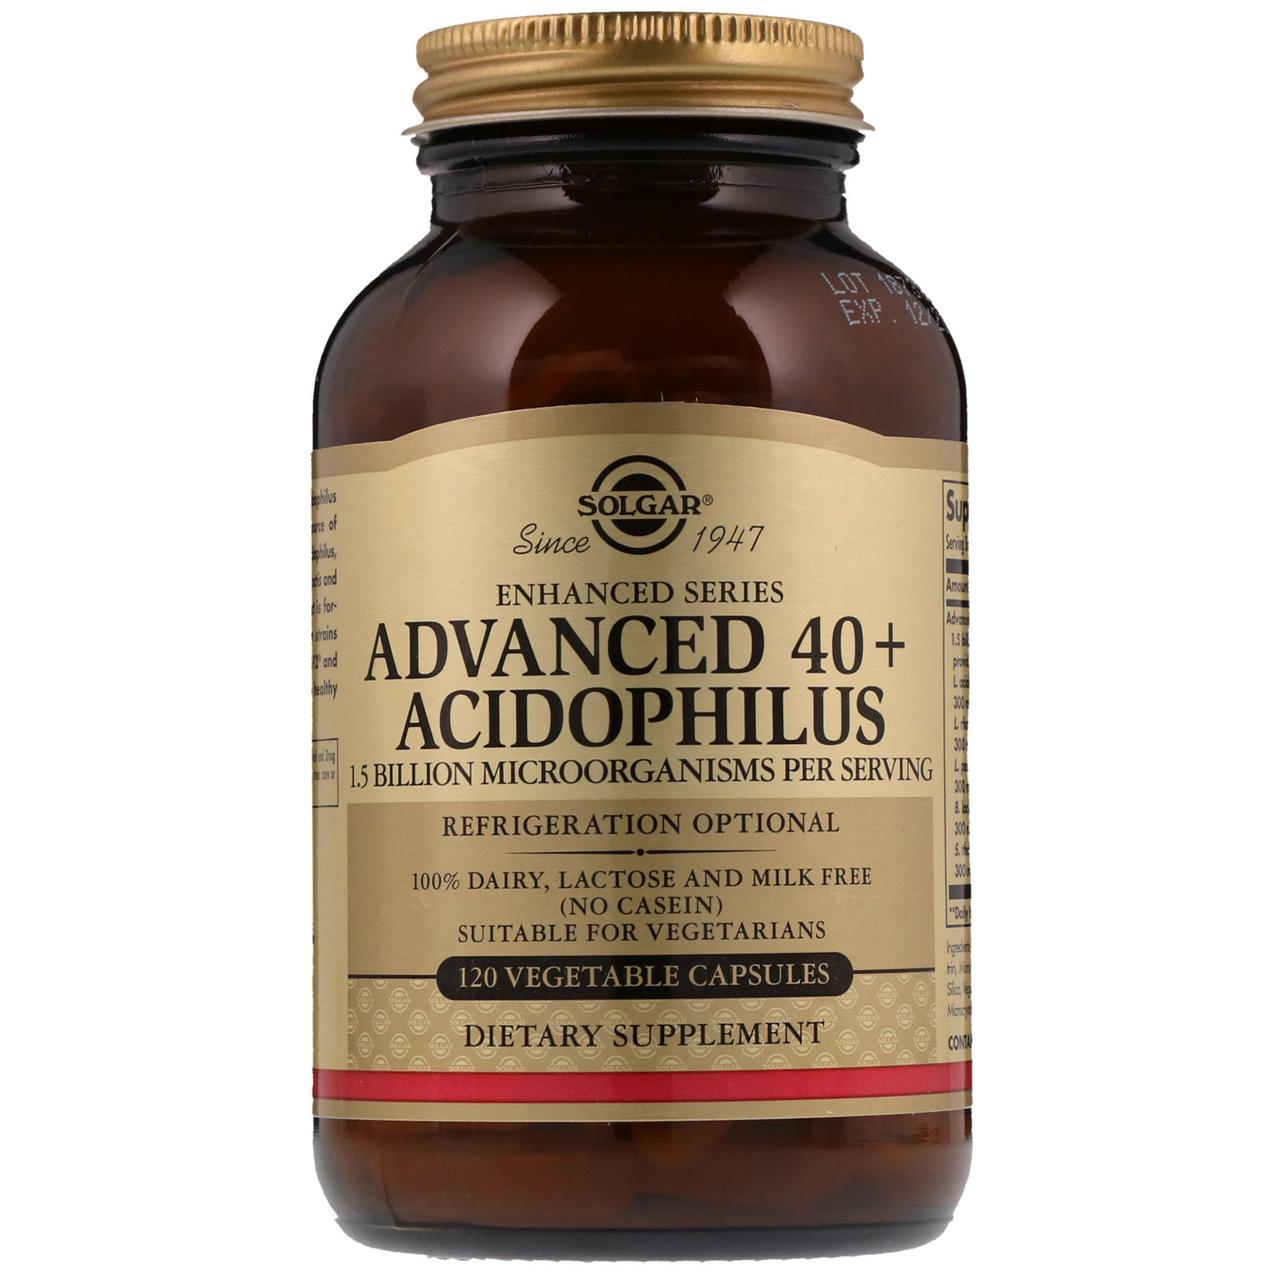 """Улучшенный ацидофилус SOLGAR """"Advanced 40+ Acidophilus"""" здоровая микрофлора кишечника (120 капсул)"""